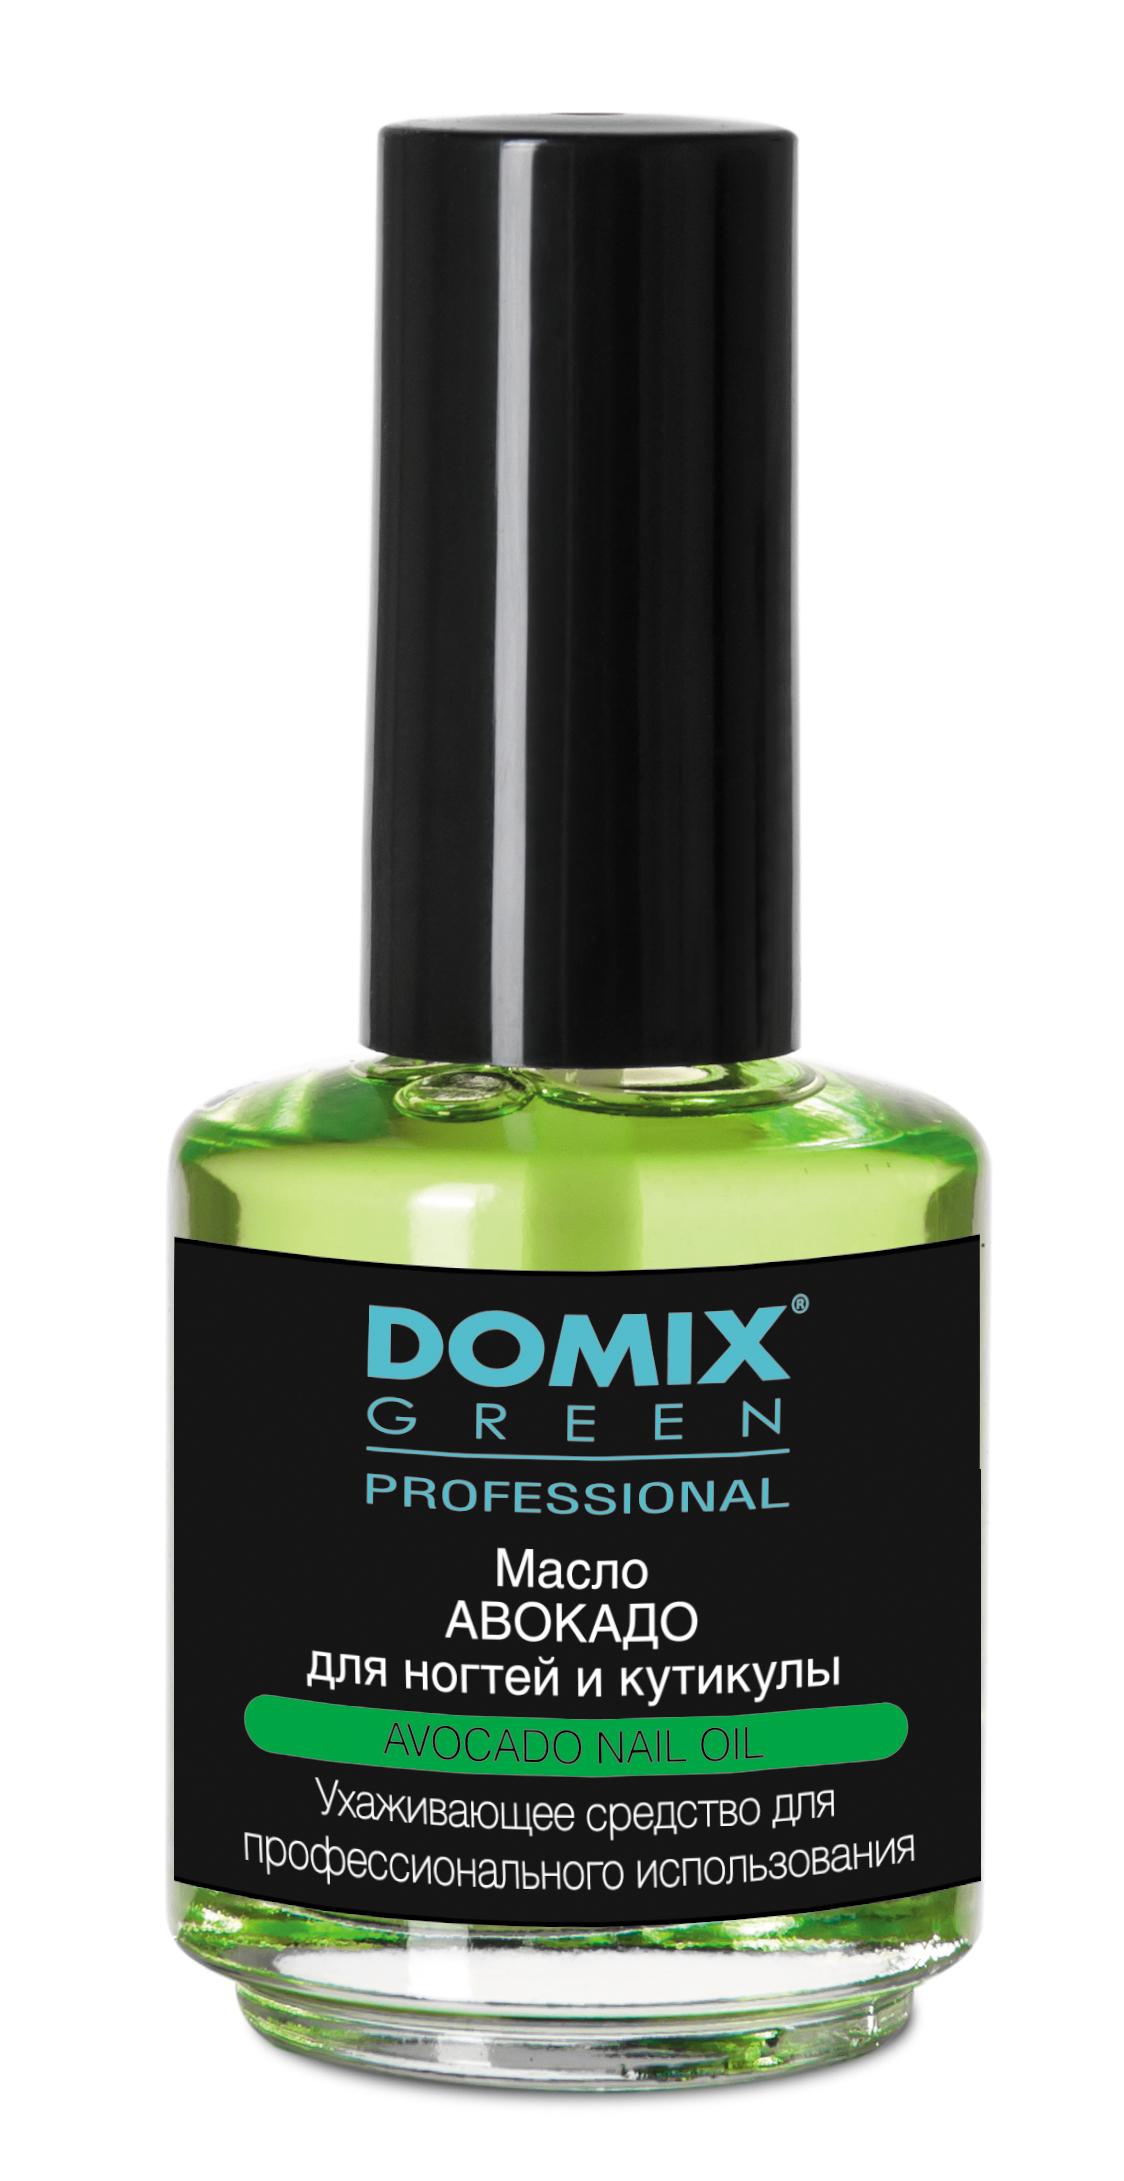 DOMIX Масло авокадо для ногтей и кутикулы / DGP 17мл